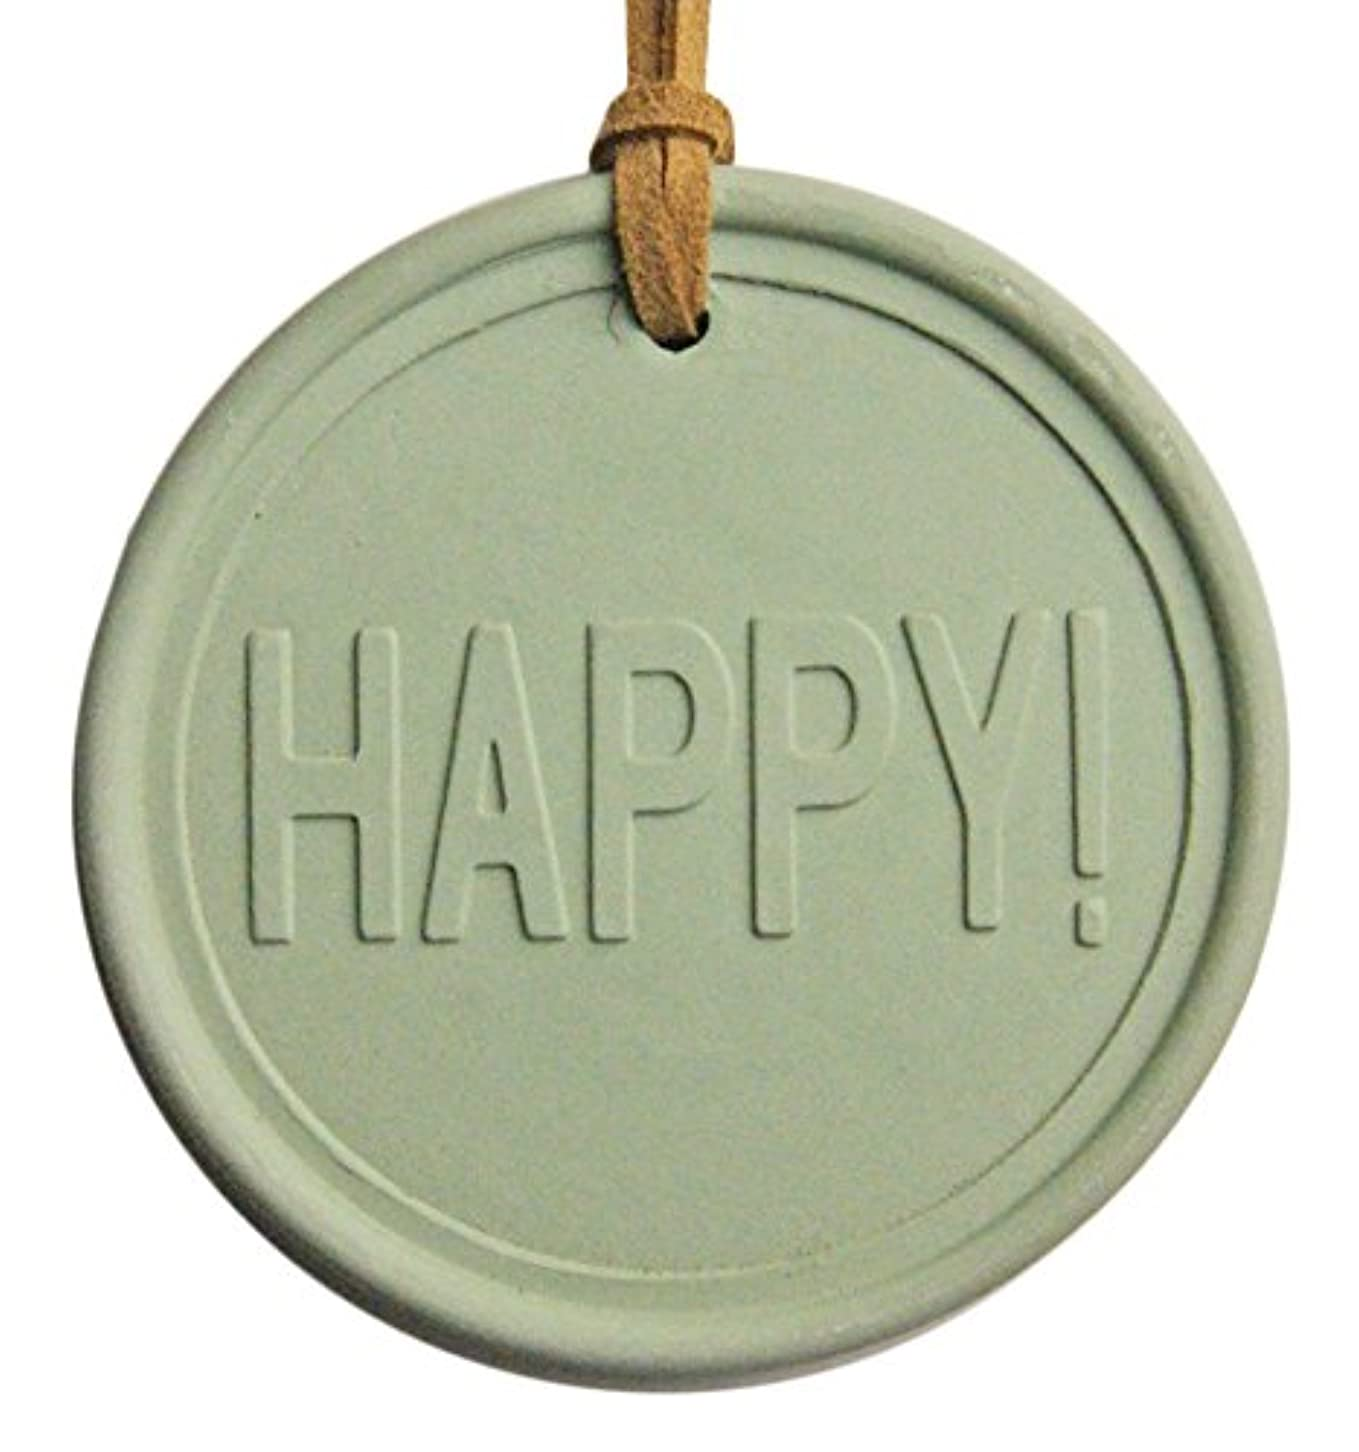 シルエット永久ショートKAVAアロマプレート&アロマオイルセット (アロマプレート:HAPPY! 緑、アロマオイル:沖縄ハイビスカス&ローズの香り 5ml)